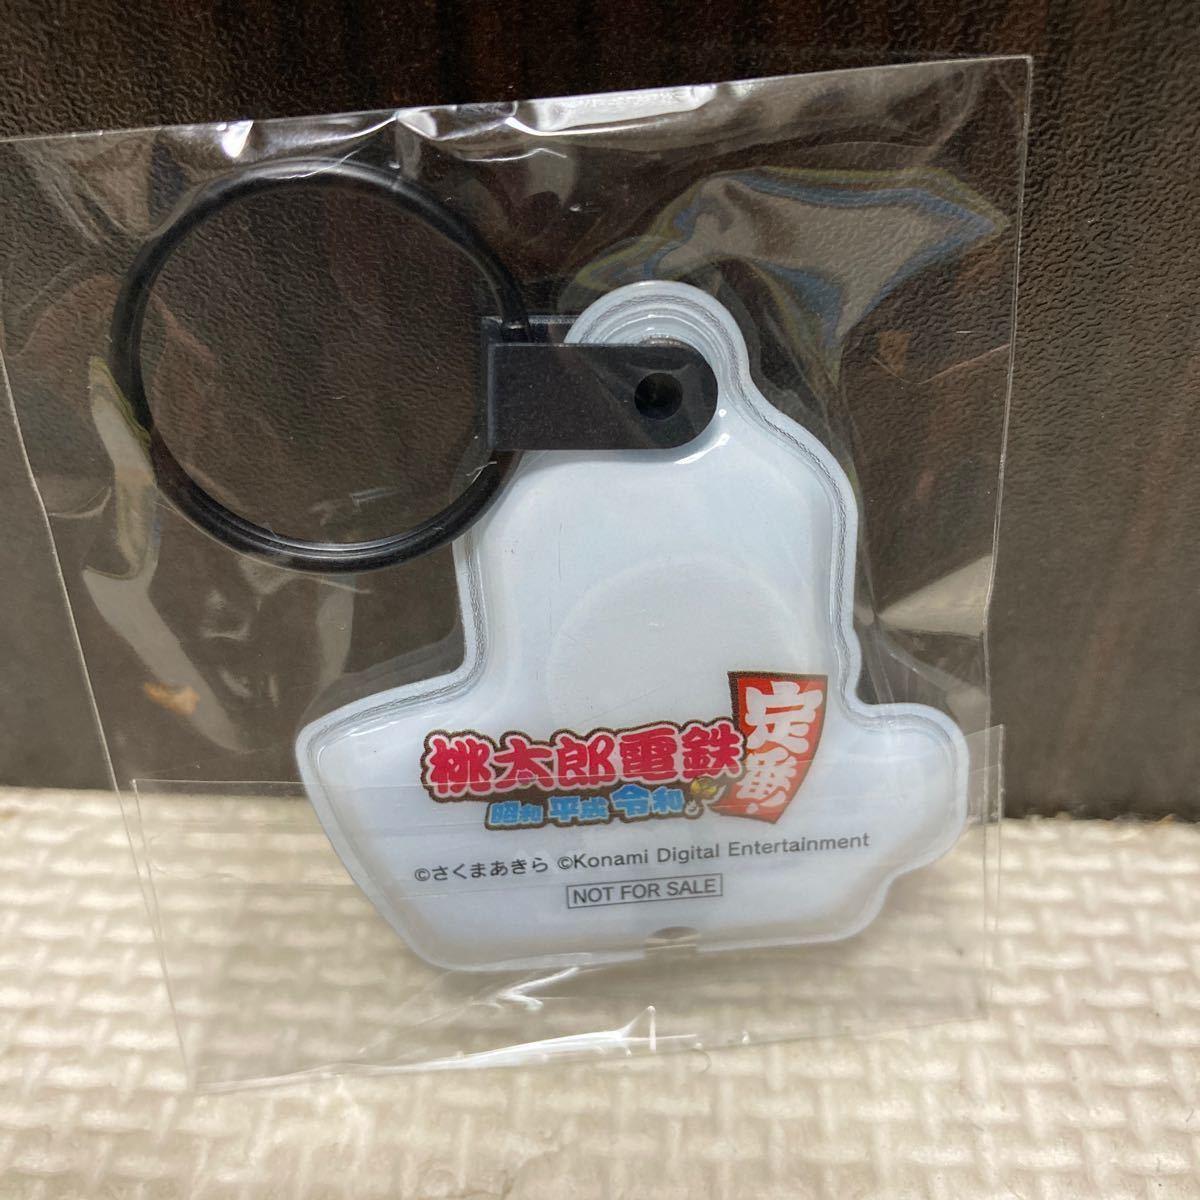 桃太郎電鉄 新発売ソフト 特典ストラップ 型LEDライト